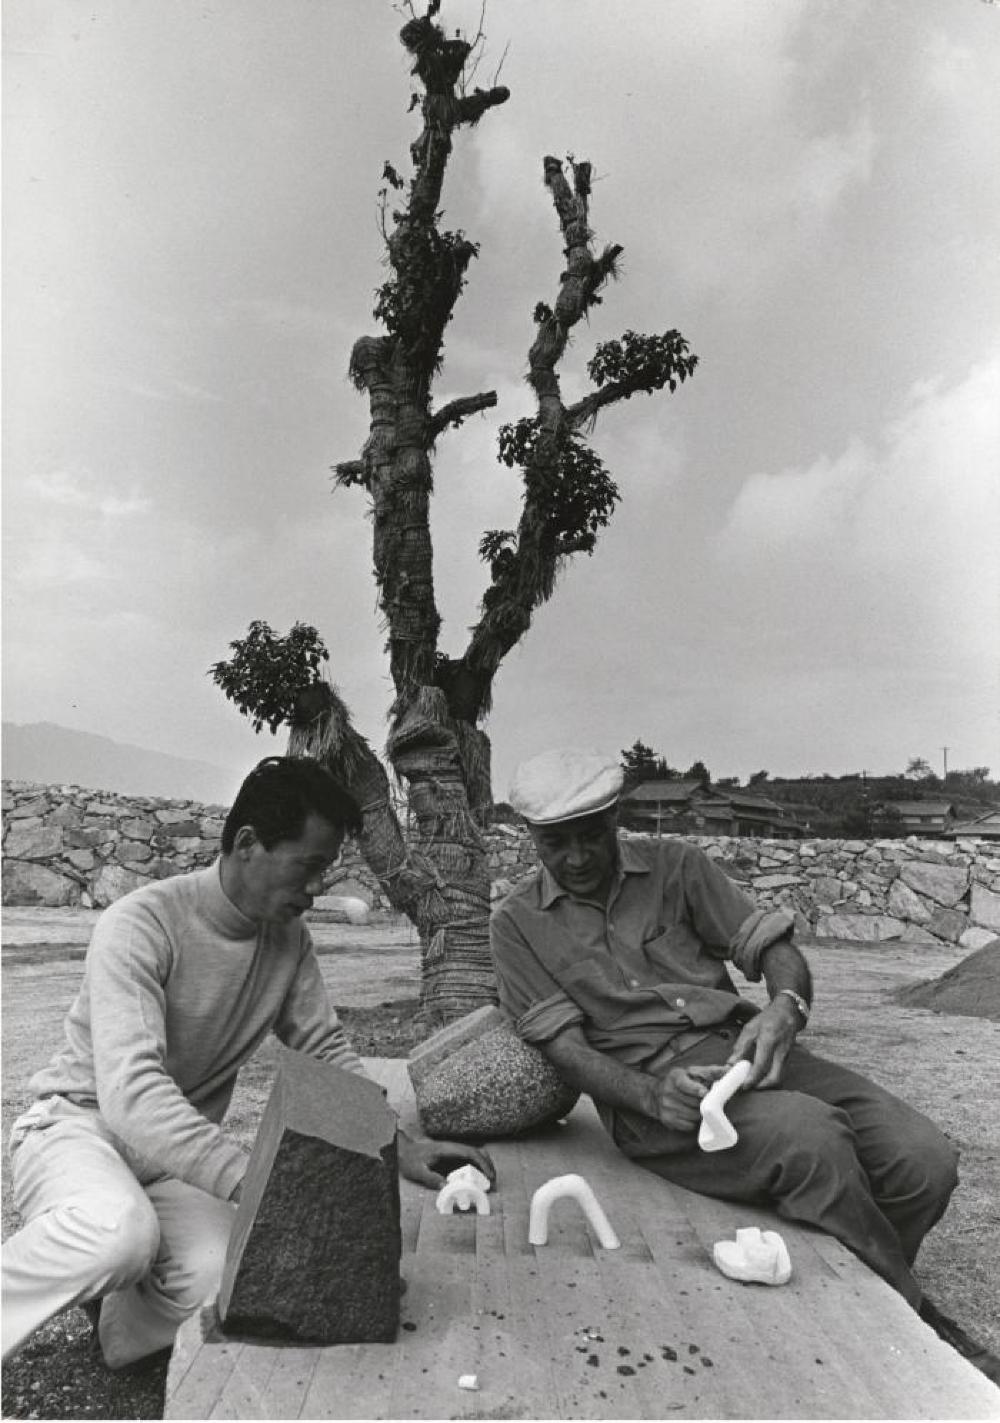 Isamu Noguchi studying models with Masatoshi Izumi